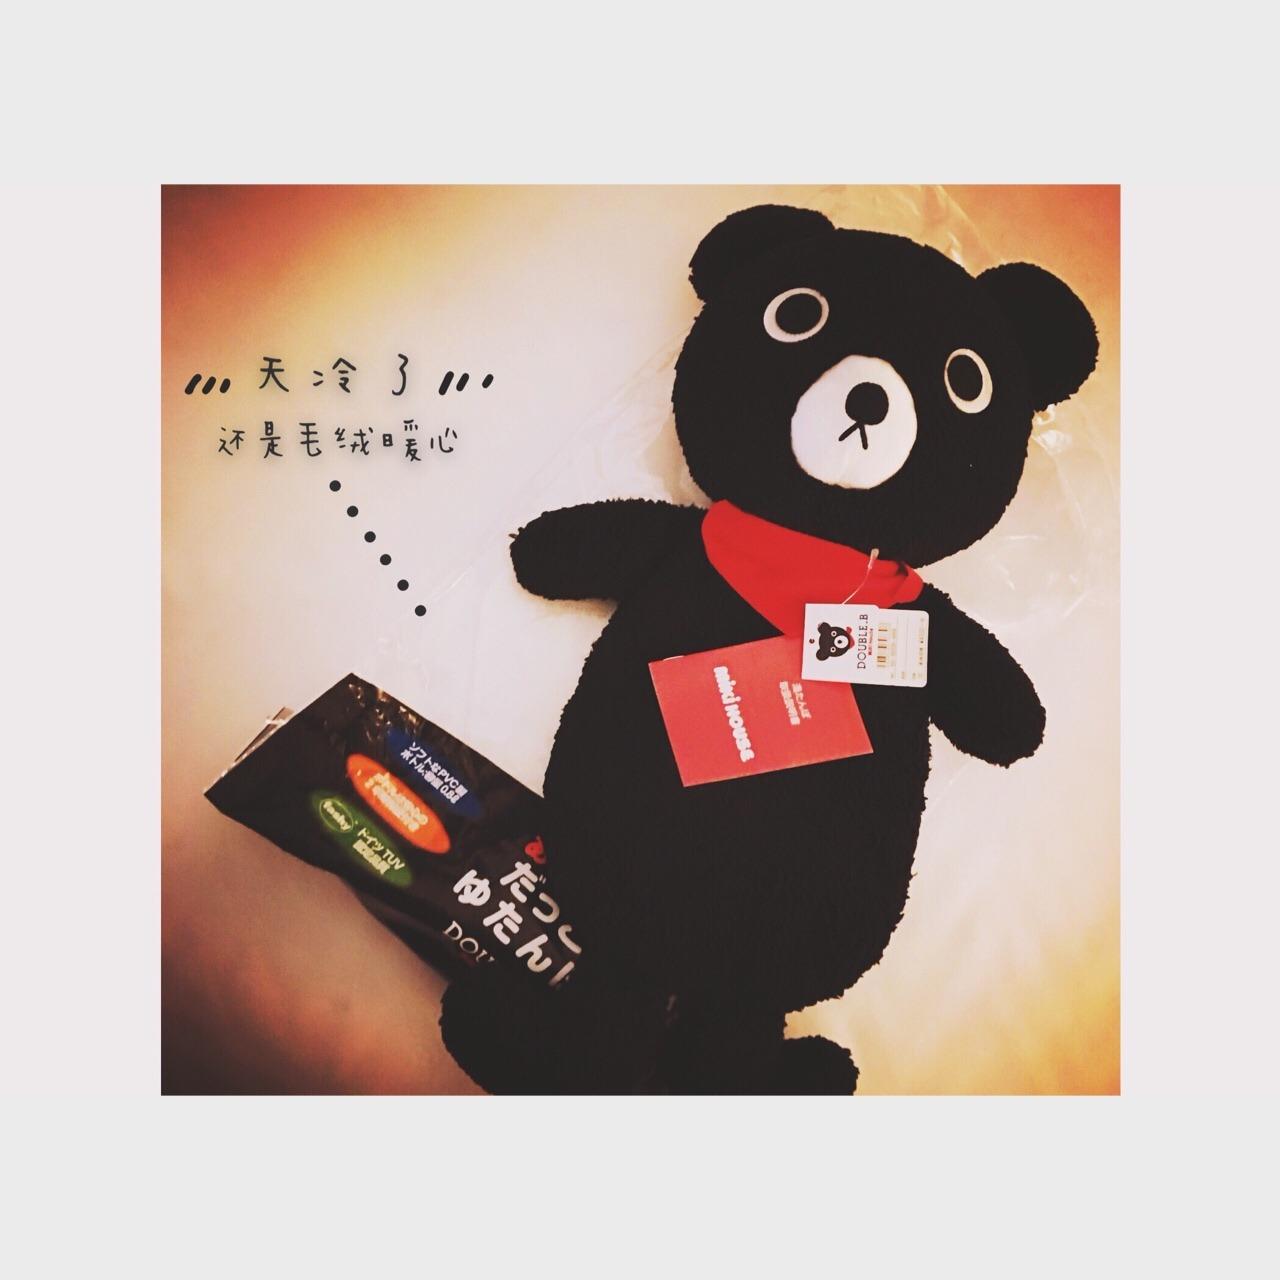 可爱的熊本宝宝